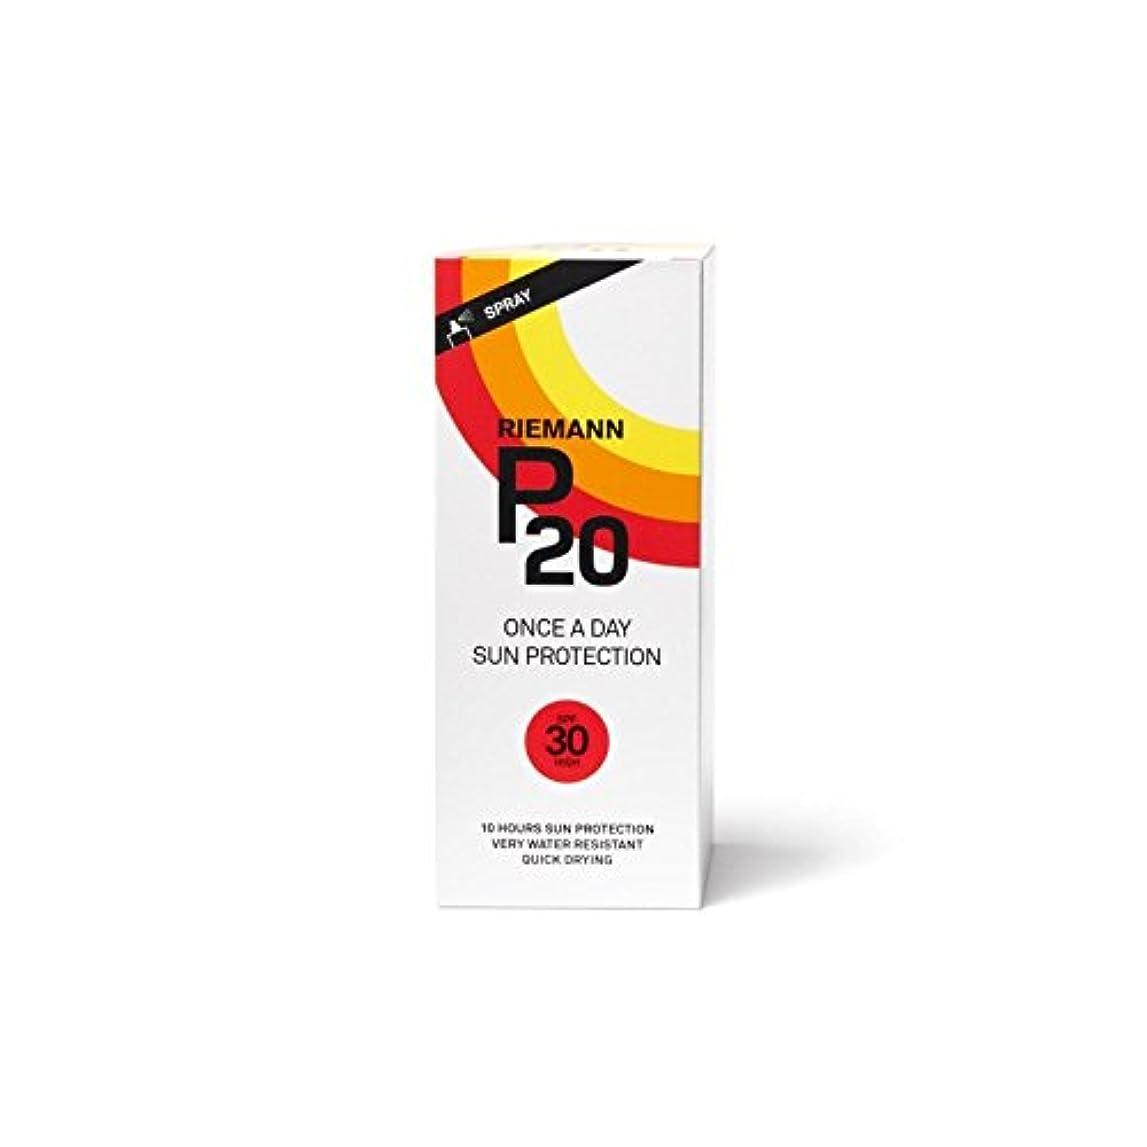 グラスヒギンズファシズムリーマン20のサンフィルター200ミリリットル30 x4 - Riemann P20 Sun Filter 200ml SPF30 (Pack of 4) [並行輸入品]